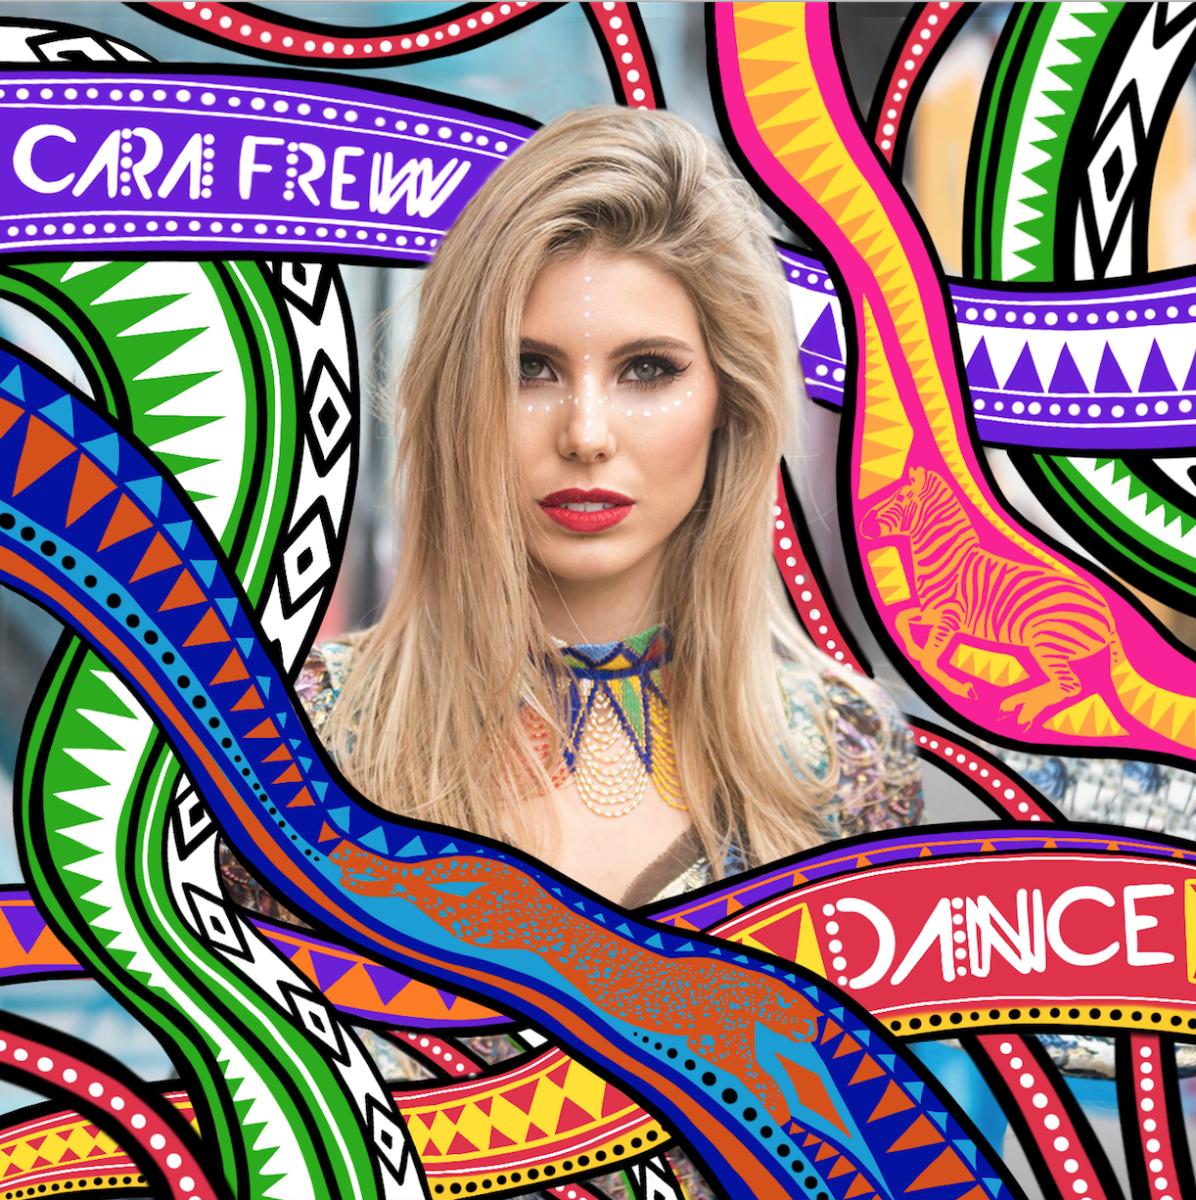 Cara Frew Dance